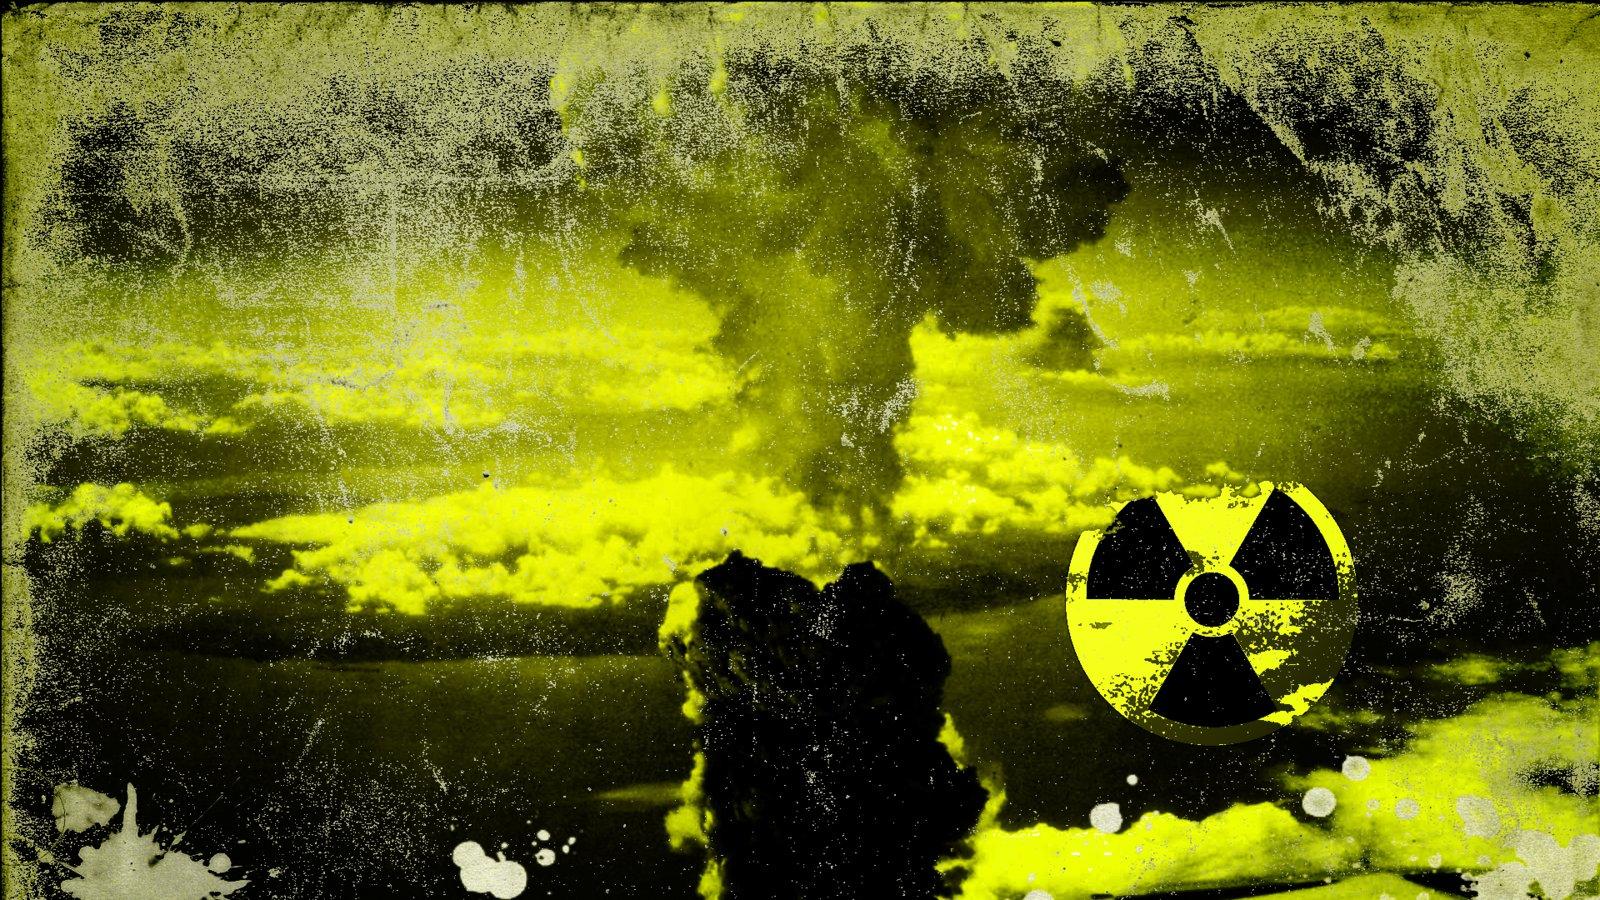 nuclear wallpaper 1600x900 249626 wallpaperup